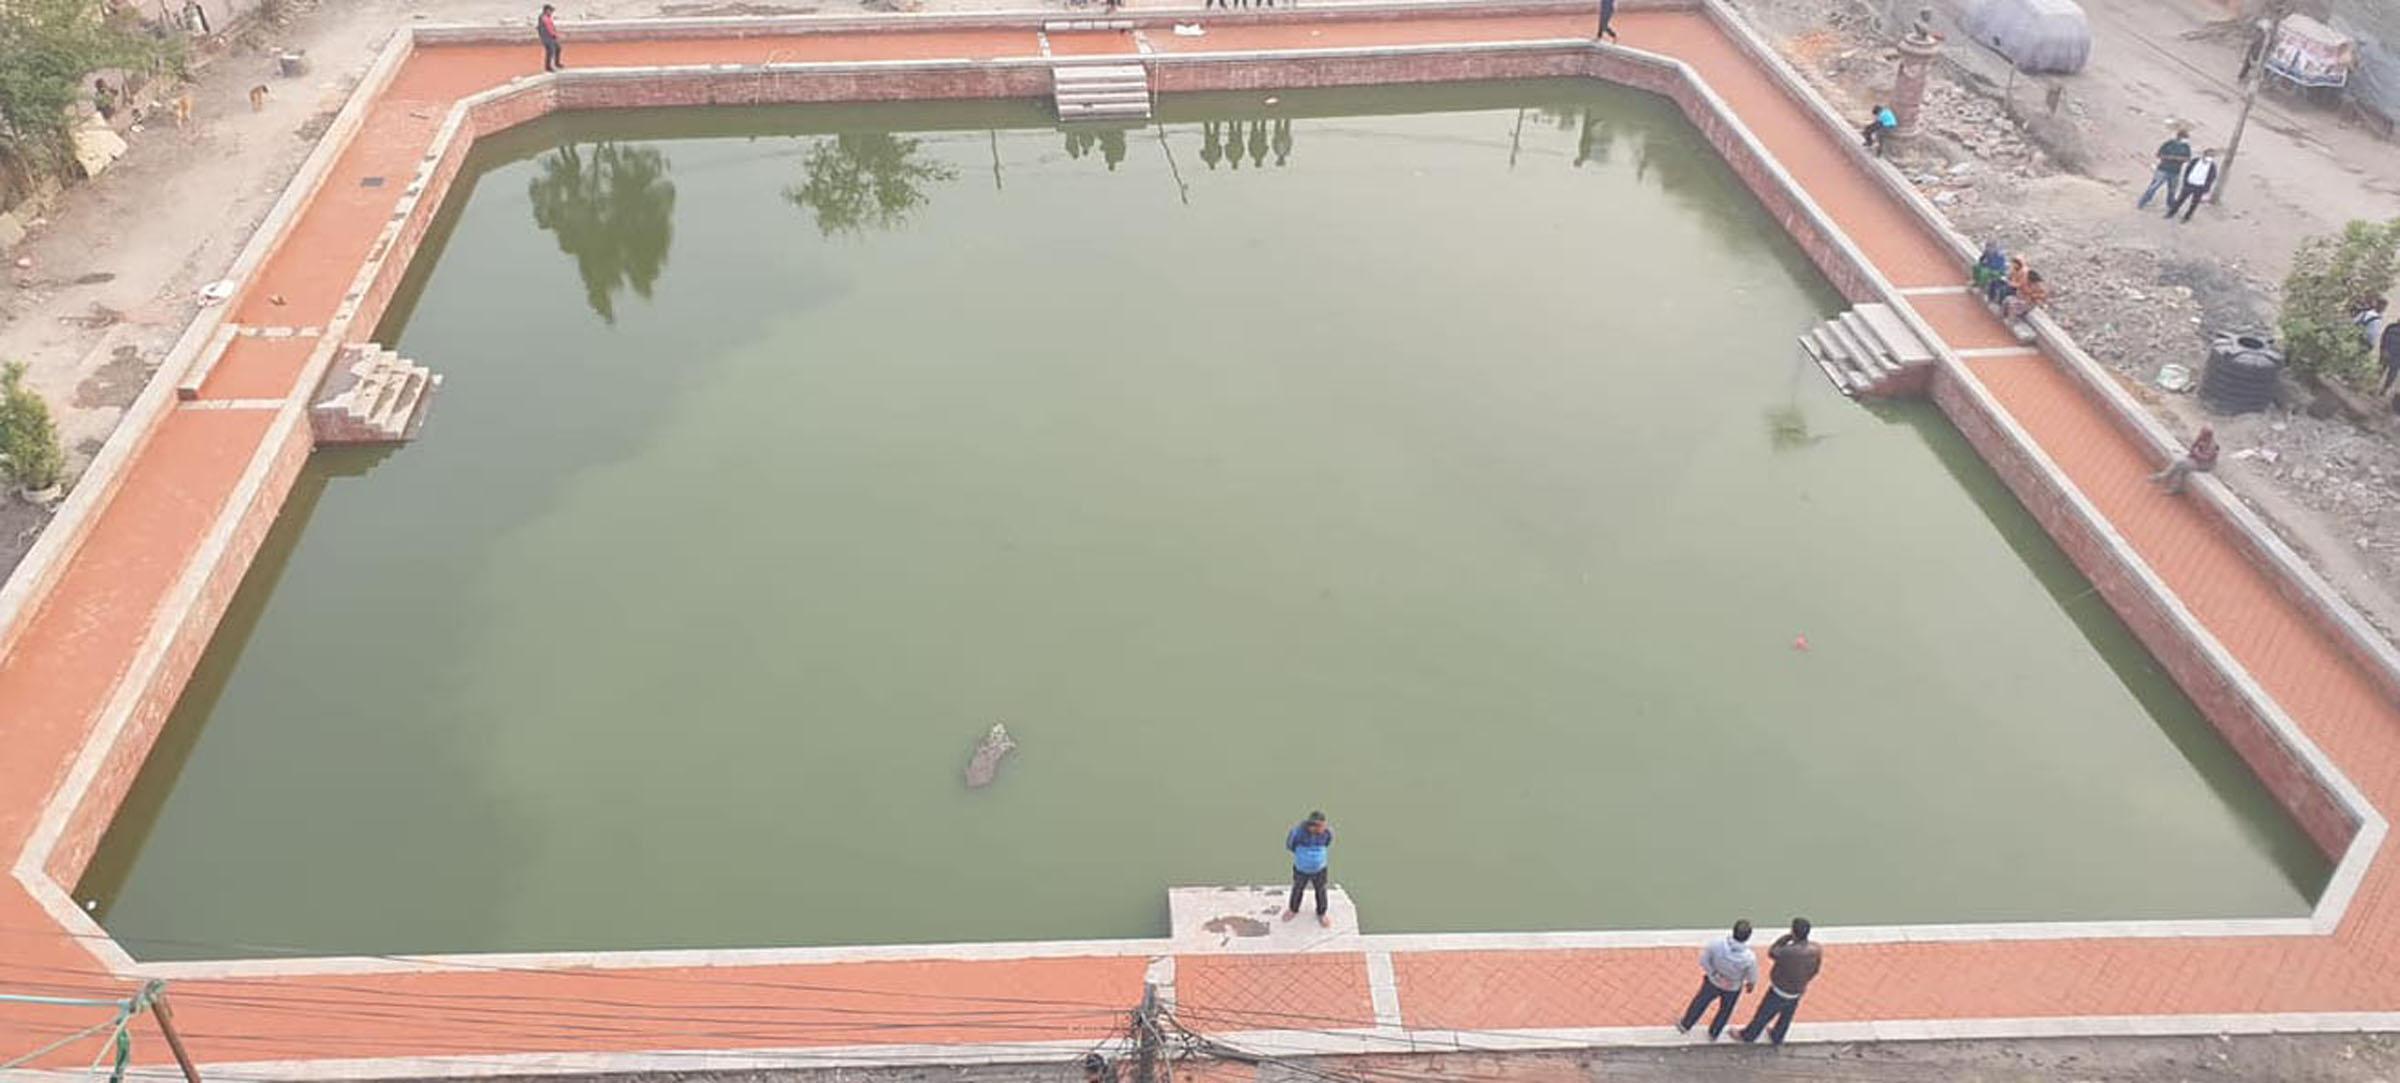 तीन सय वर्ष पुरानो 'निगु पुखुः' को पुनःनिर्माणसँगै ६३ वर्षपछि भरियो बिस्केटका लागि पानी